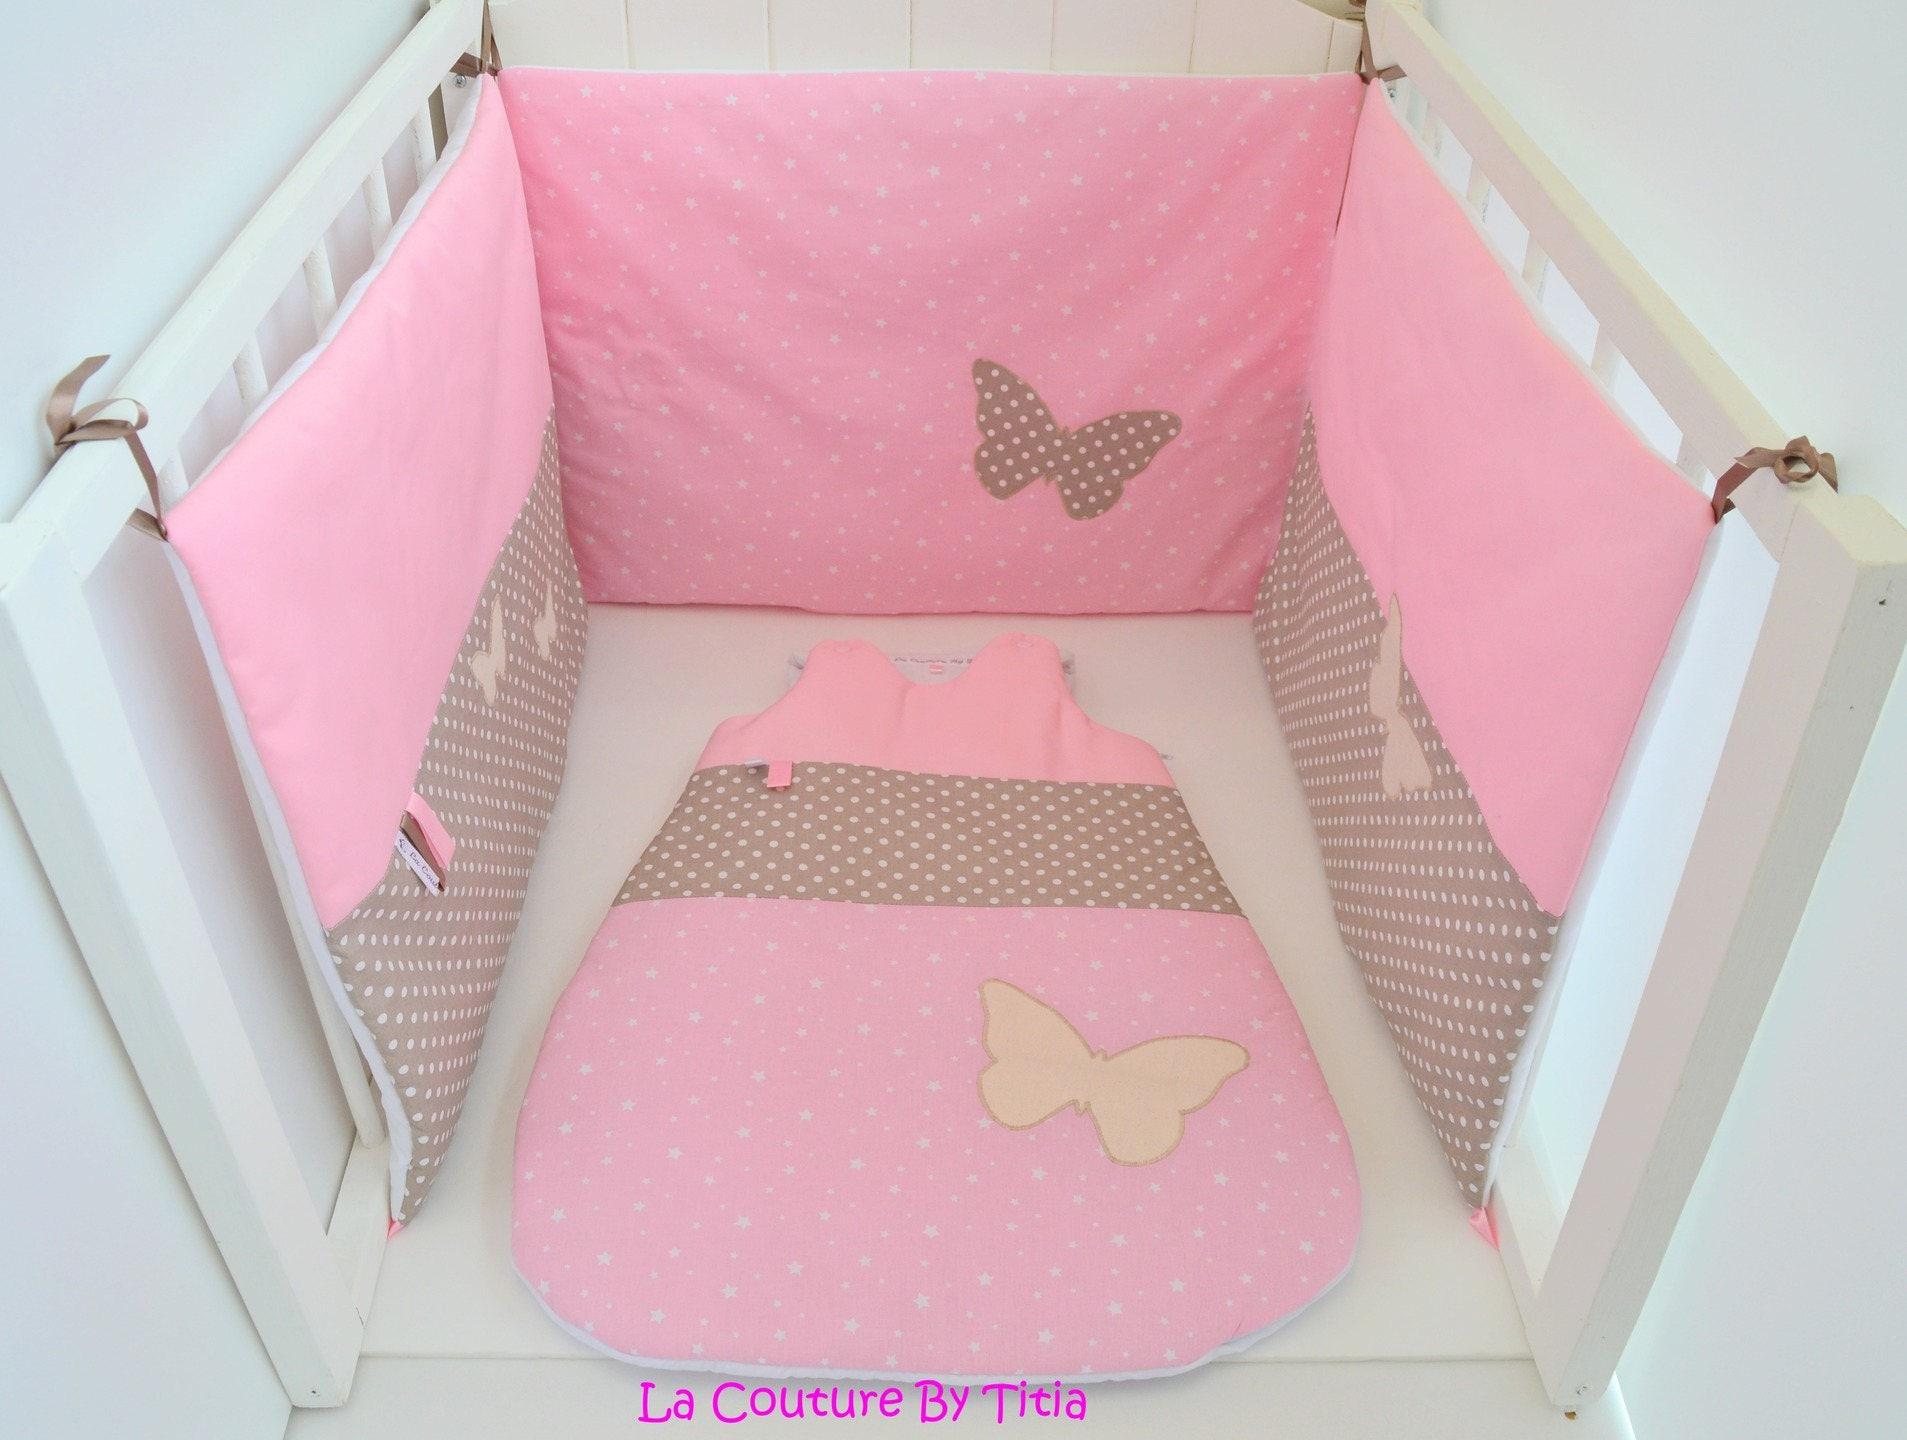 tour de lit et gigoteuse fait main papillon taupe et rose. Black Bedroom Furniture Sets. Home Design Ideas